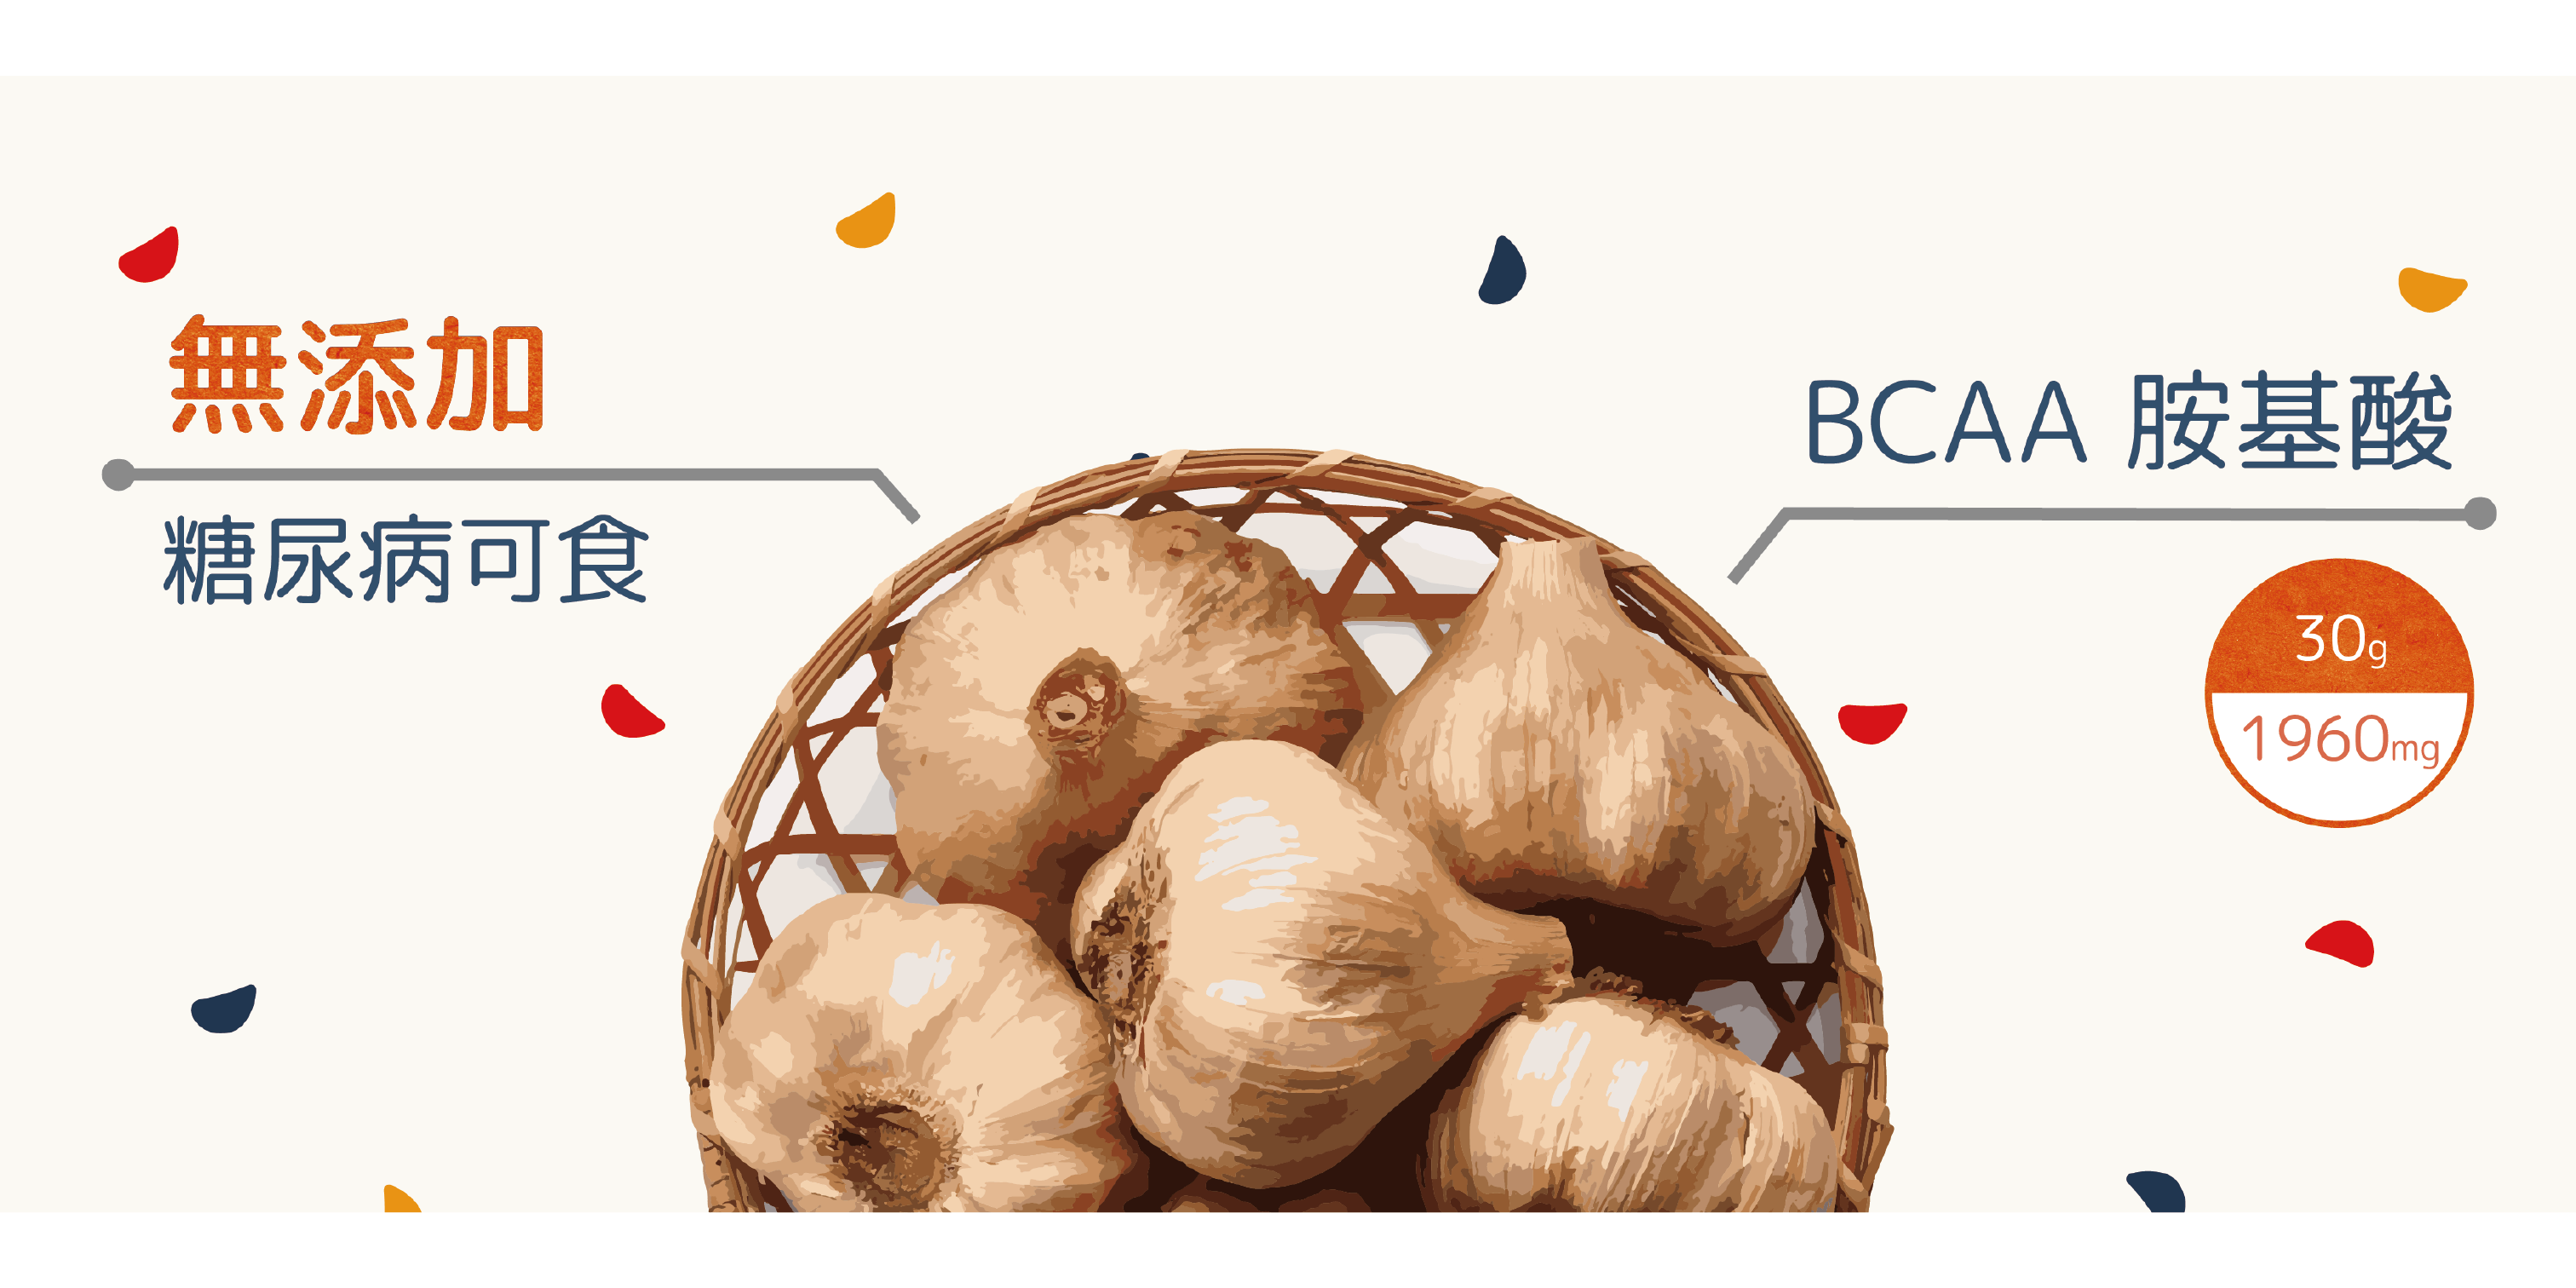 黑蒜頭營養圖標,糖尿病可食、BCAA胺基酸豐富